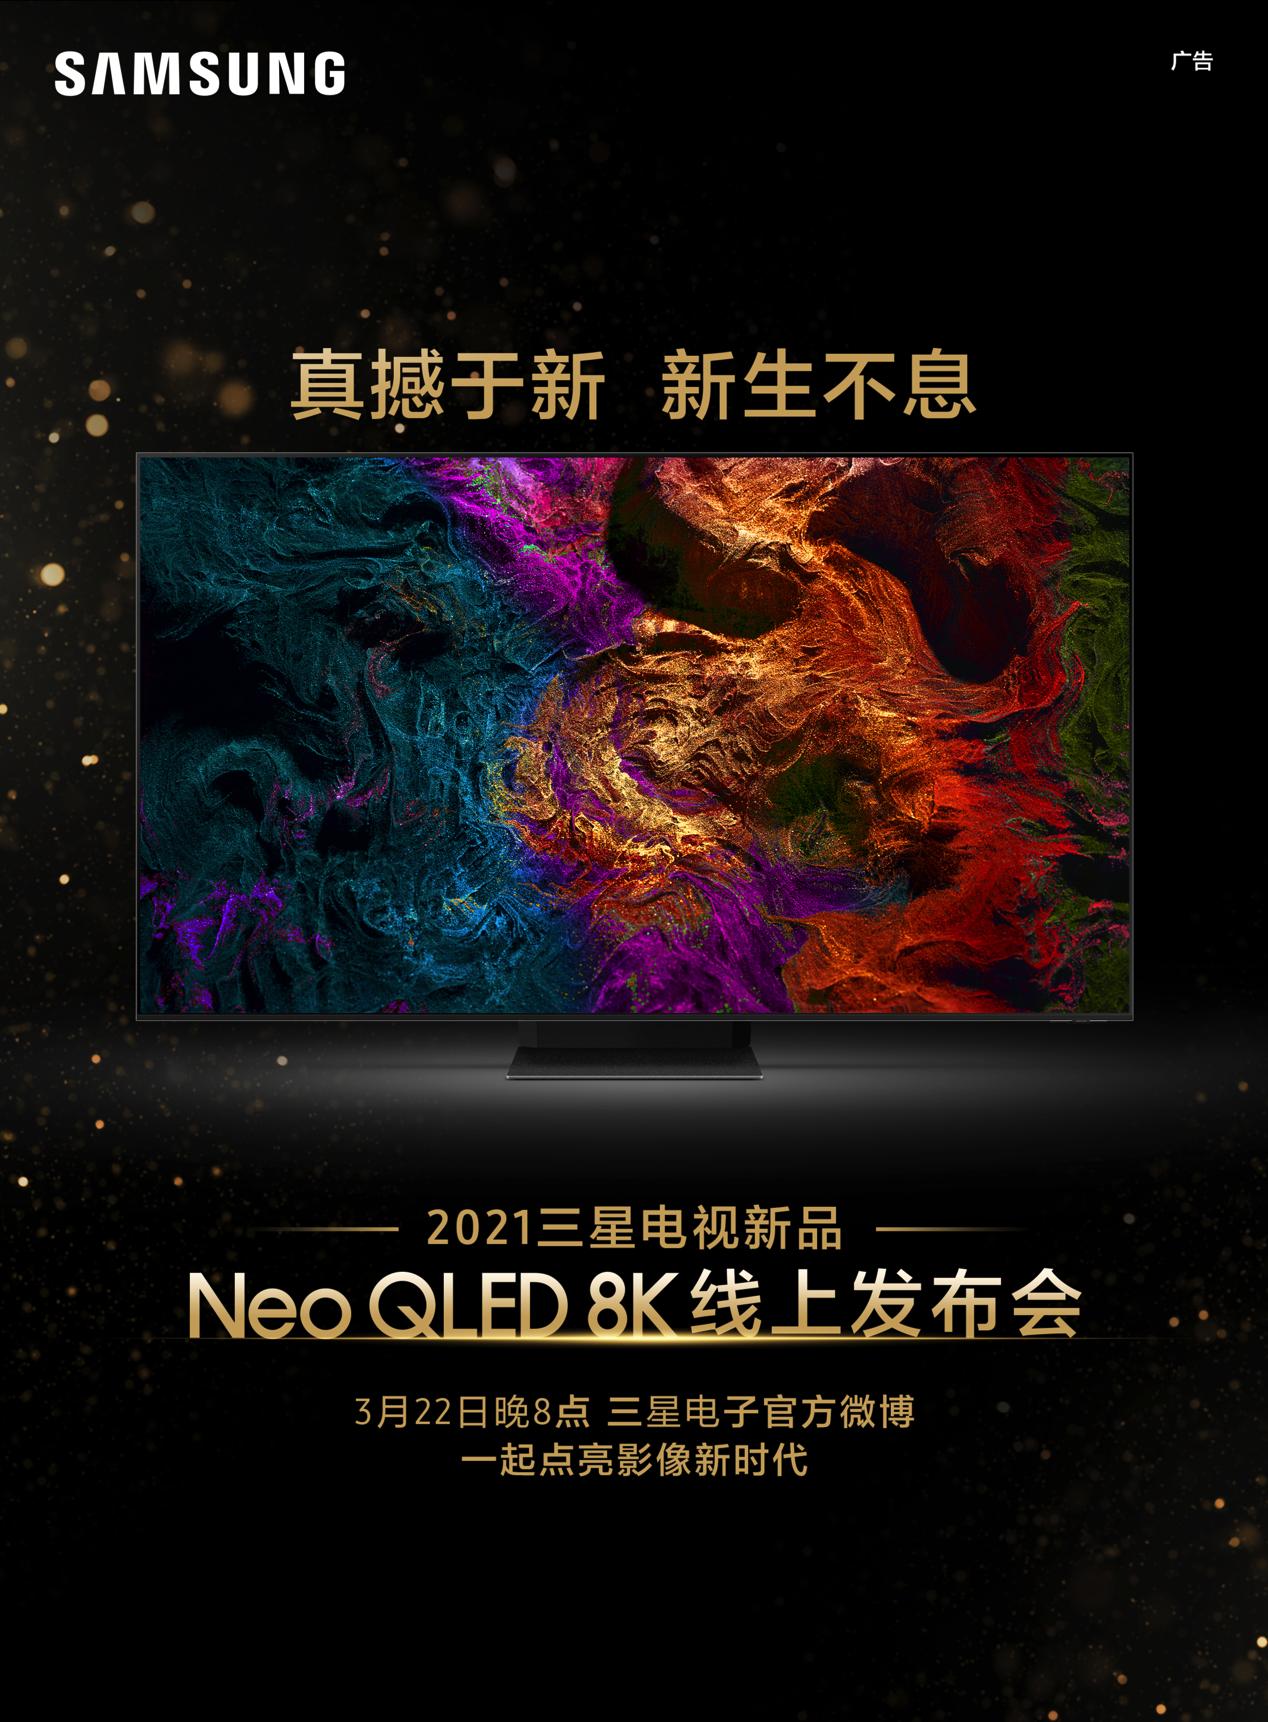 终极光芒,真撼于新——三星Neo_QLED_8K全球发布会新奢亮相!